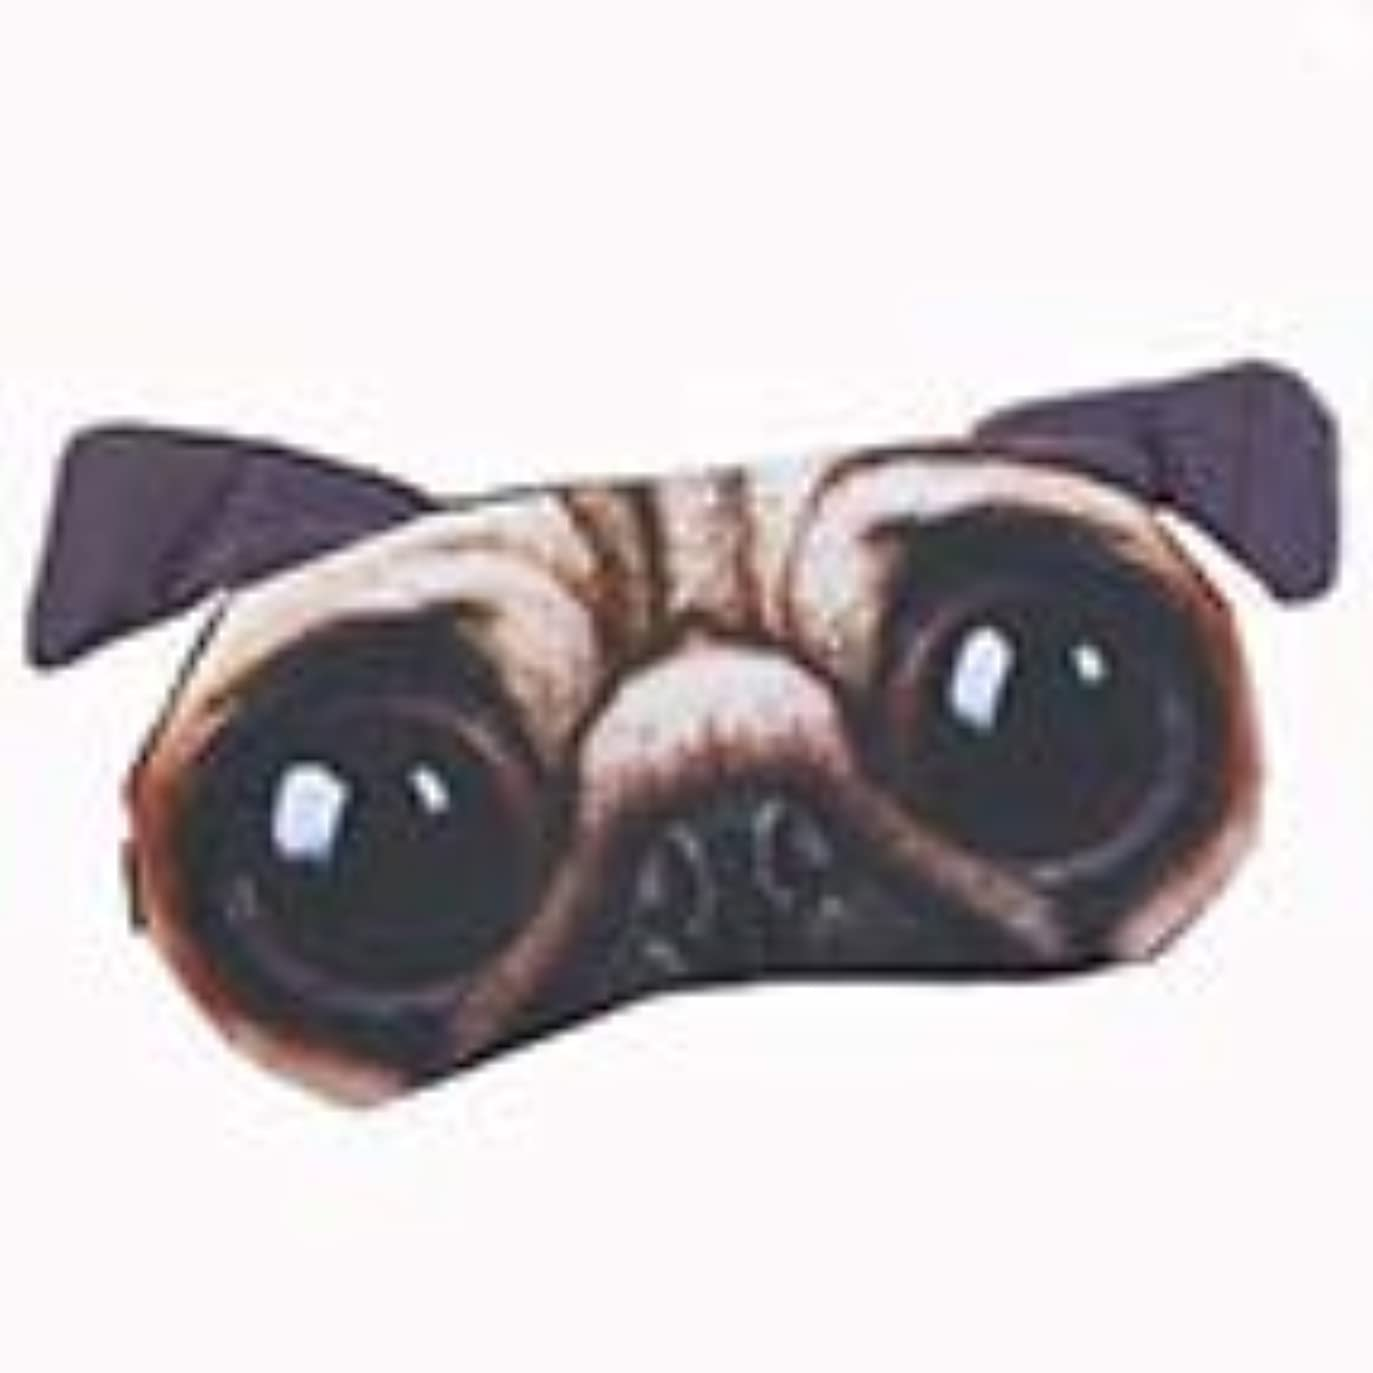 アコー恨み特異なNOTE 睡眠アイマスク漫画形状調節可能な動物アイパッチ目隠し女の子ラブリーカバーリラクゼーション健康睡眠マスクデバイス